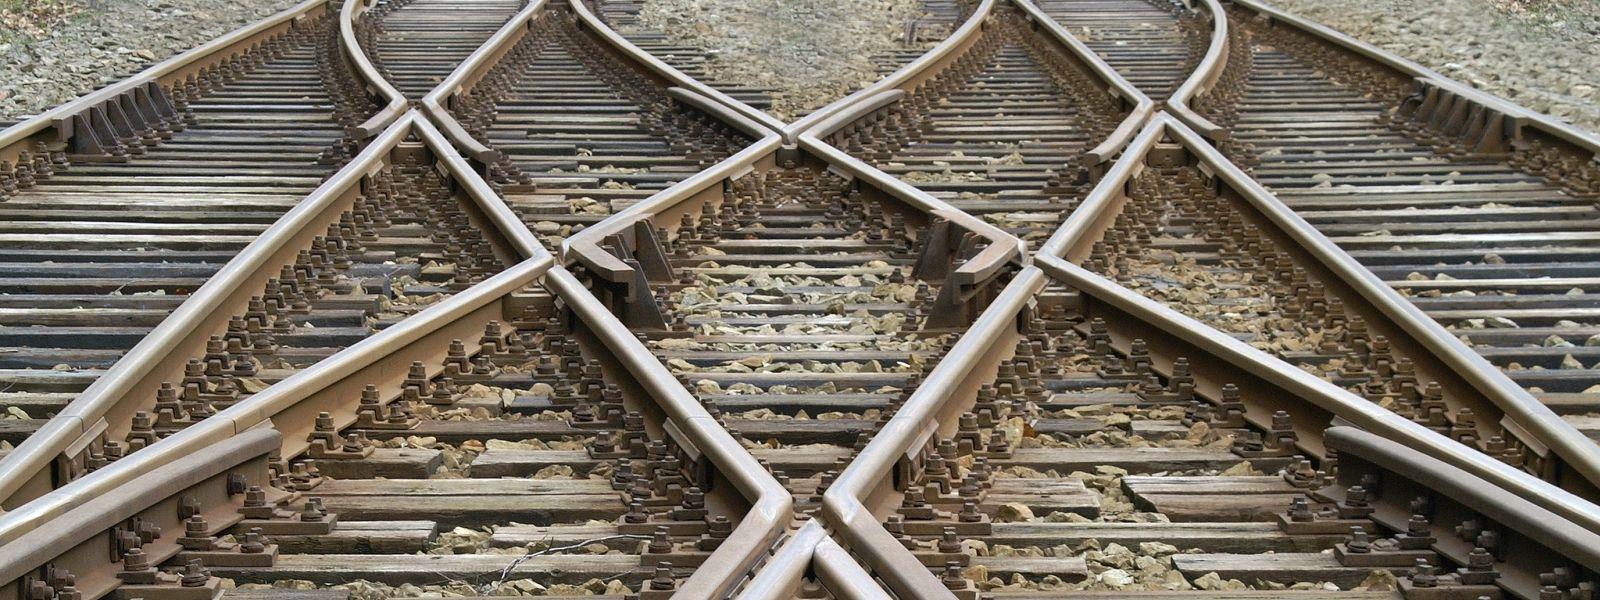 Weichen von Bahngleisen die symmetrisch zusammenführen